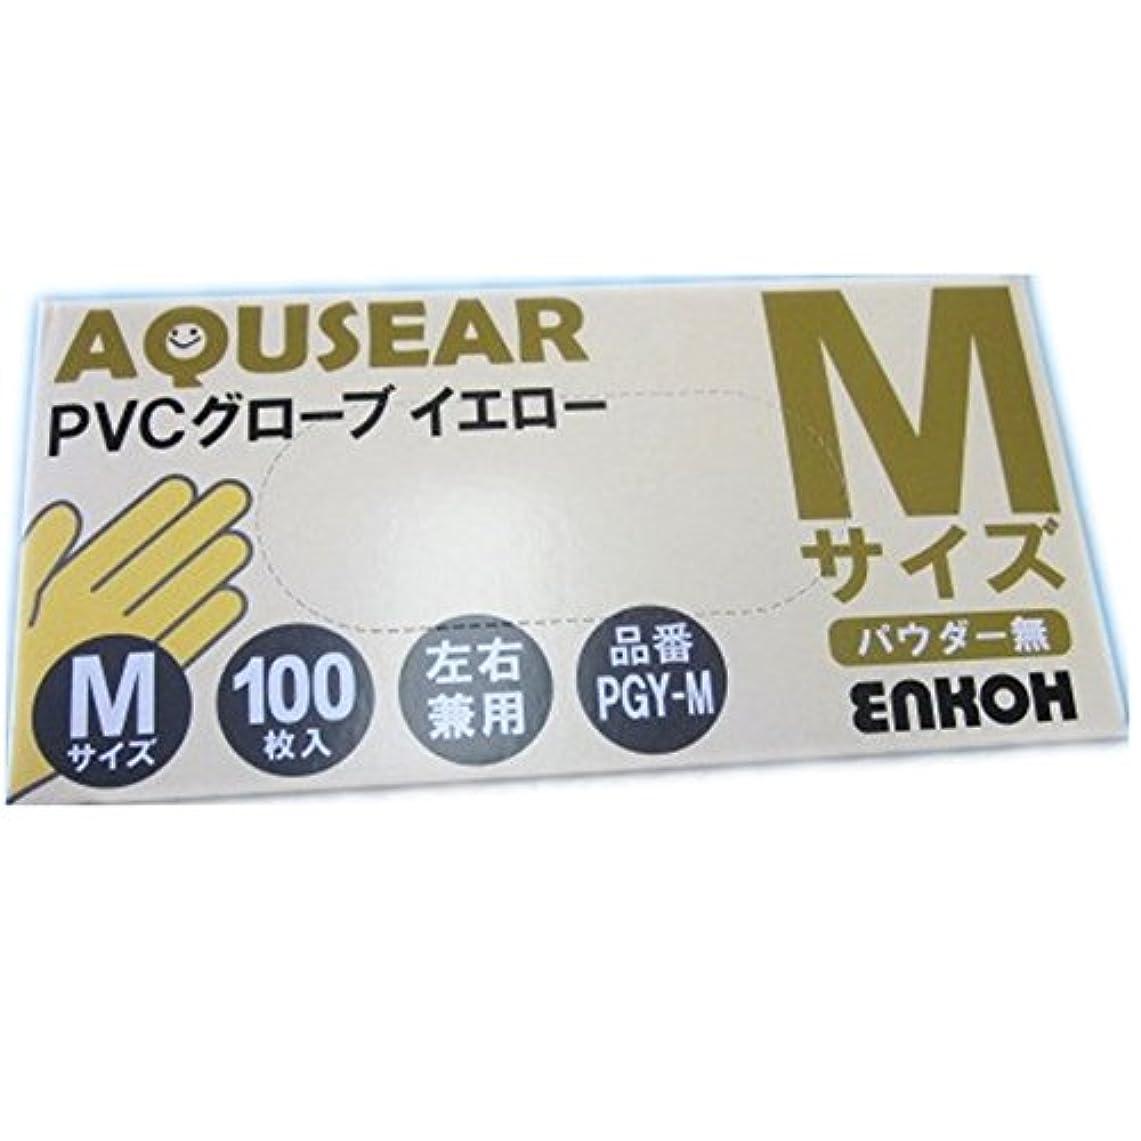 桃クレデンシャル歌詞AQUSEAR PVC プラスチックグローブ イエロー 弾性 Mサイズ パウダー無 PGY-M 100枚×20箱